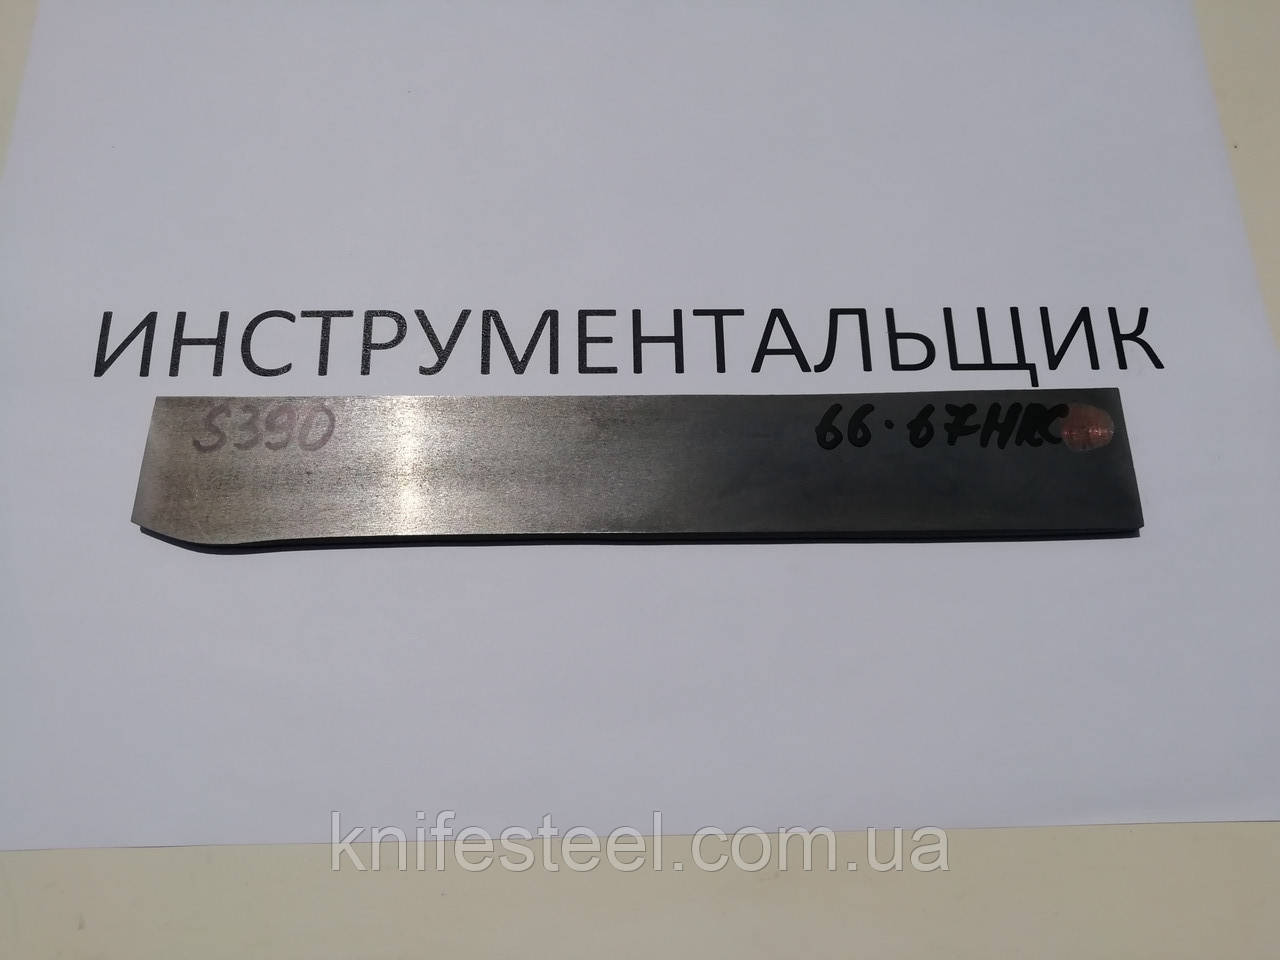 Заготівля для ножа сталь S390 220х32х4 мм термообробка (66-67 HRC)